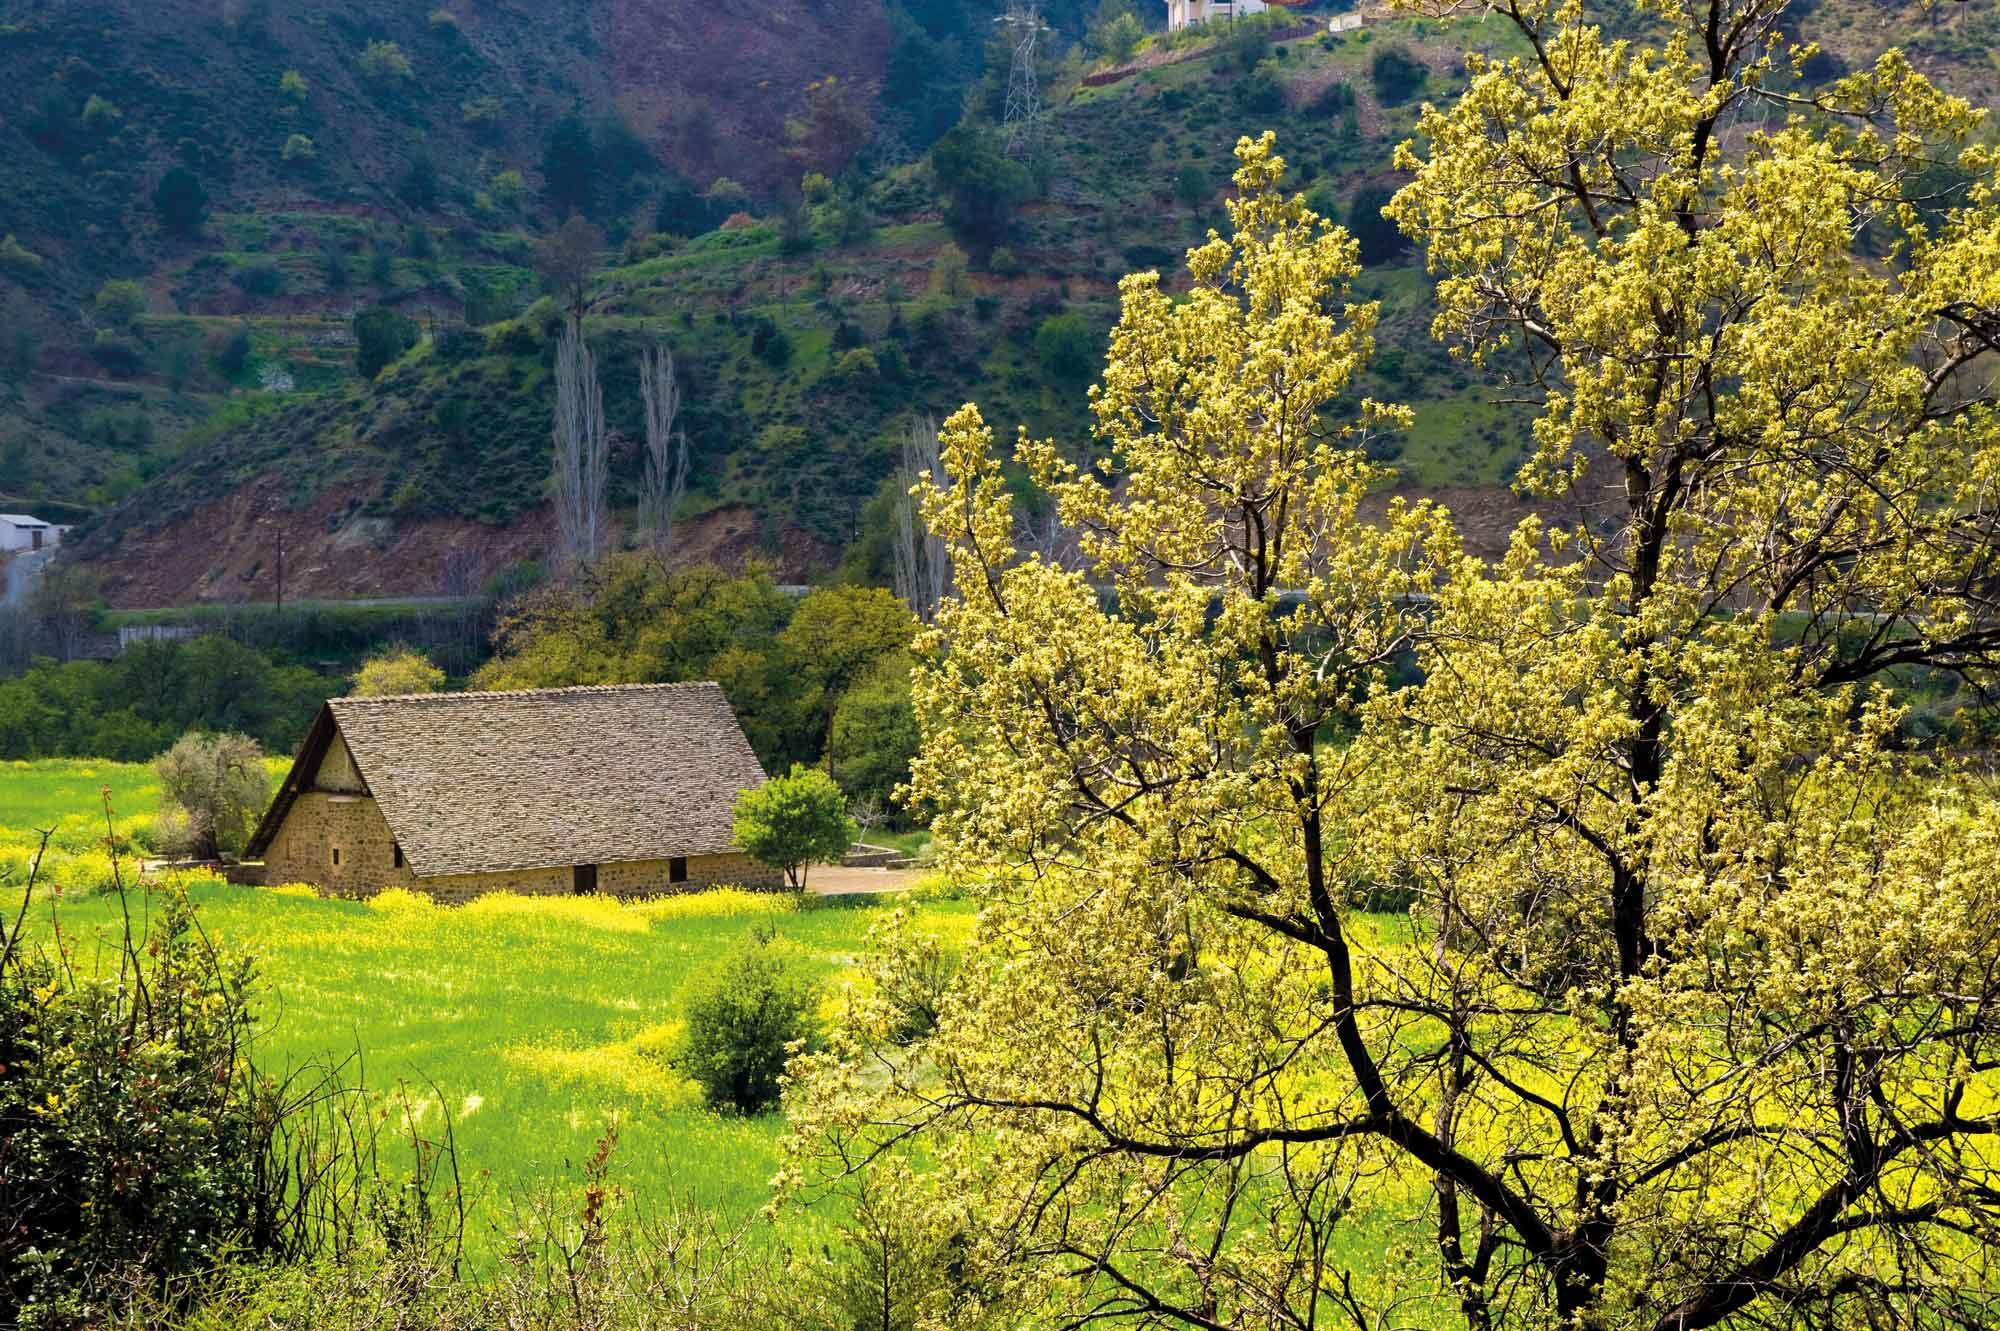 Archaische Landschaft im Troodos-Gebirge © Troodos Tourism Board